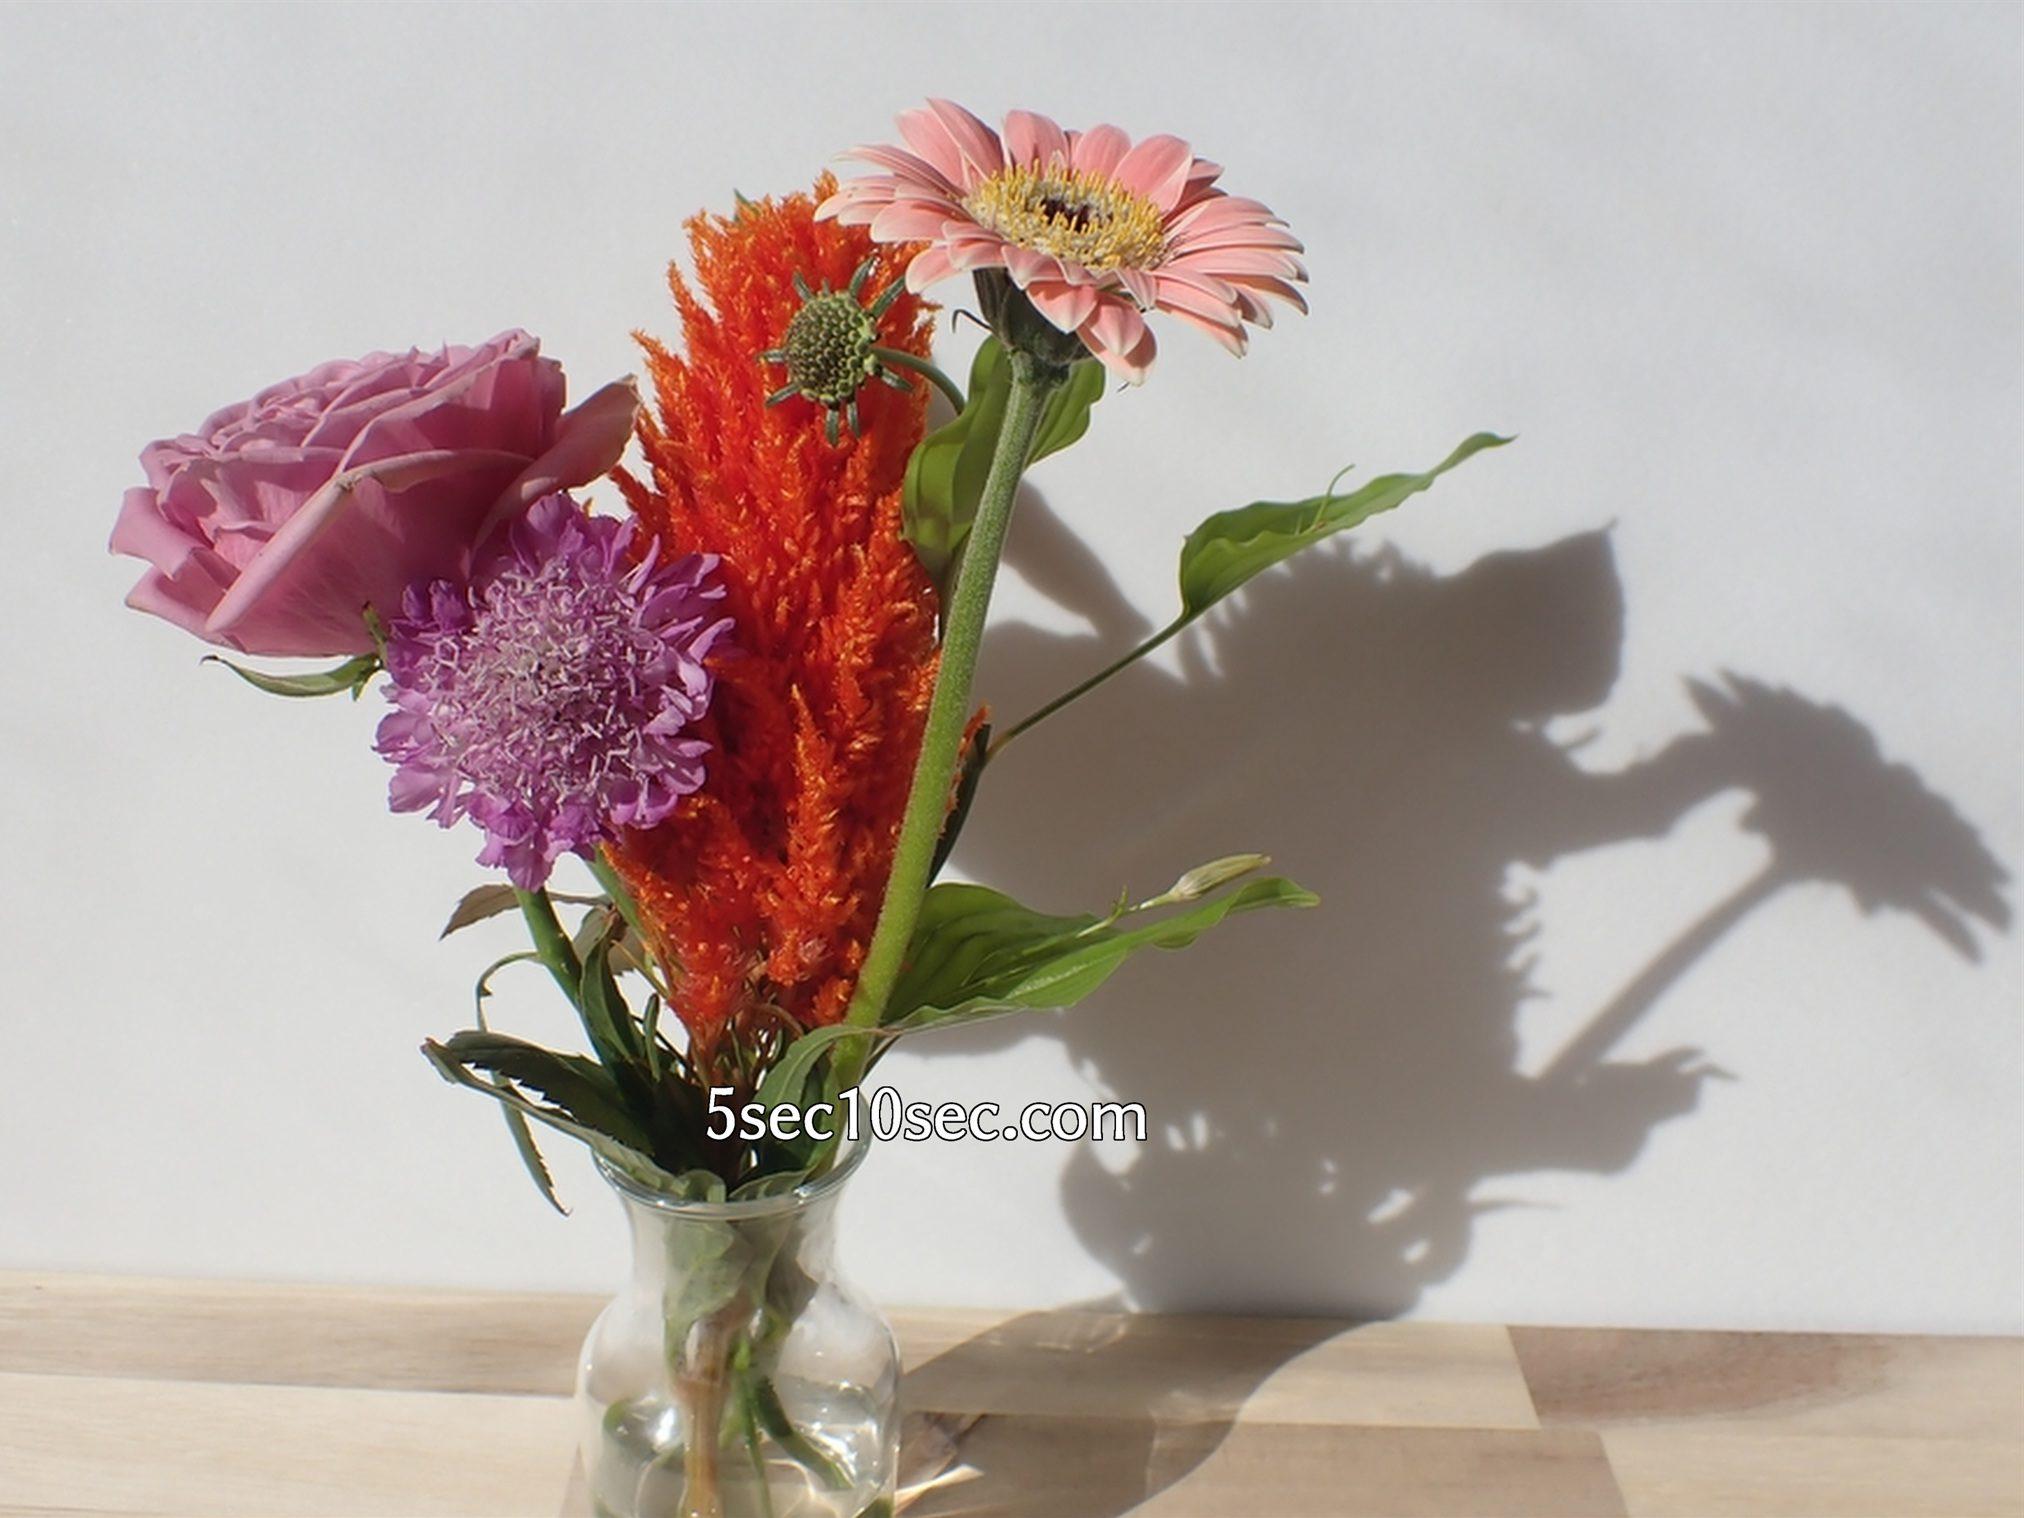 株式会社Crunch Style お花の定期便 Bloomee LIFE ブルーミーライフ レギュラープラン 届いてから6日目 お花はまだまだ元気です